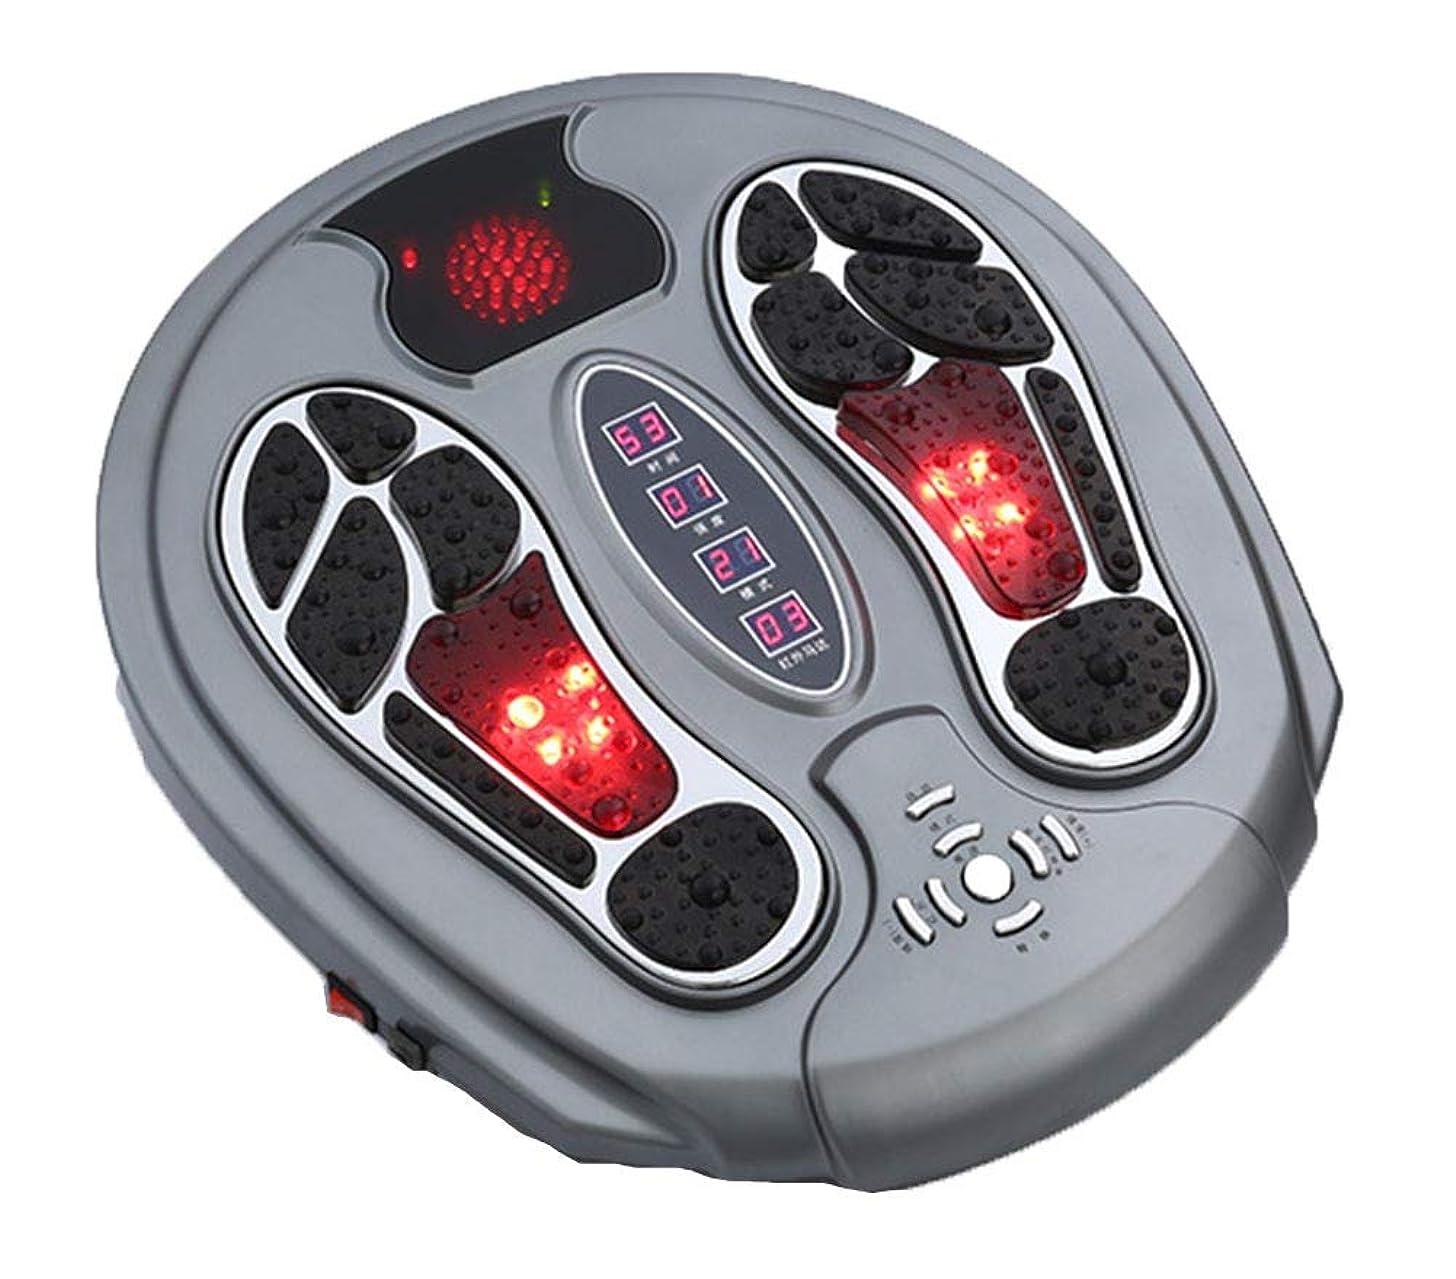 外向きブレンドカウントアップFoot Massager Stimulator - Booster Circulation、身体を刺激する99の強度設定、赤外線機能付き